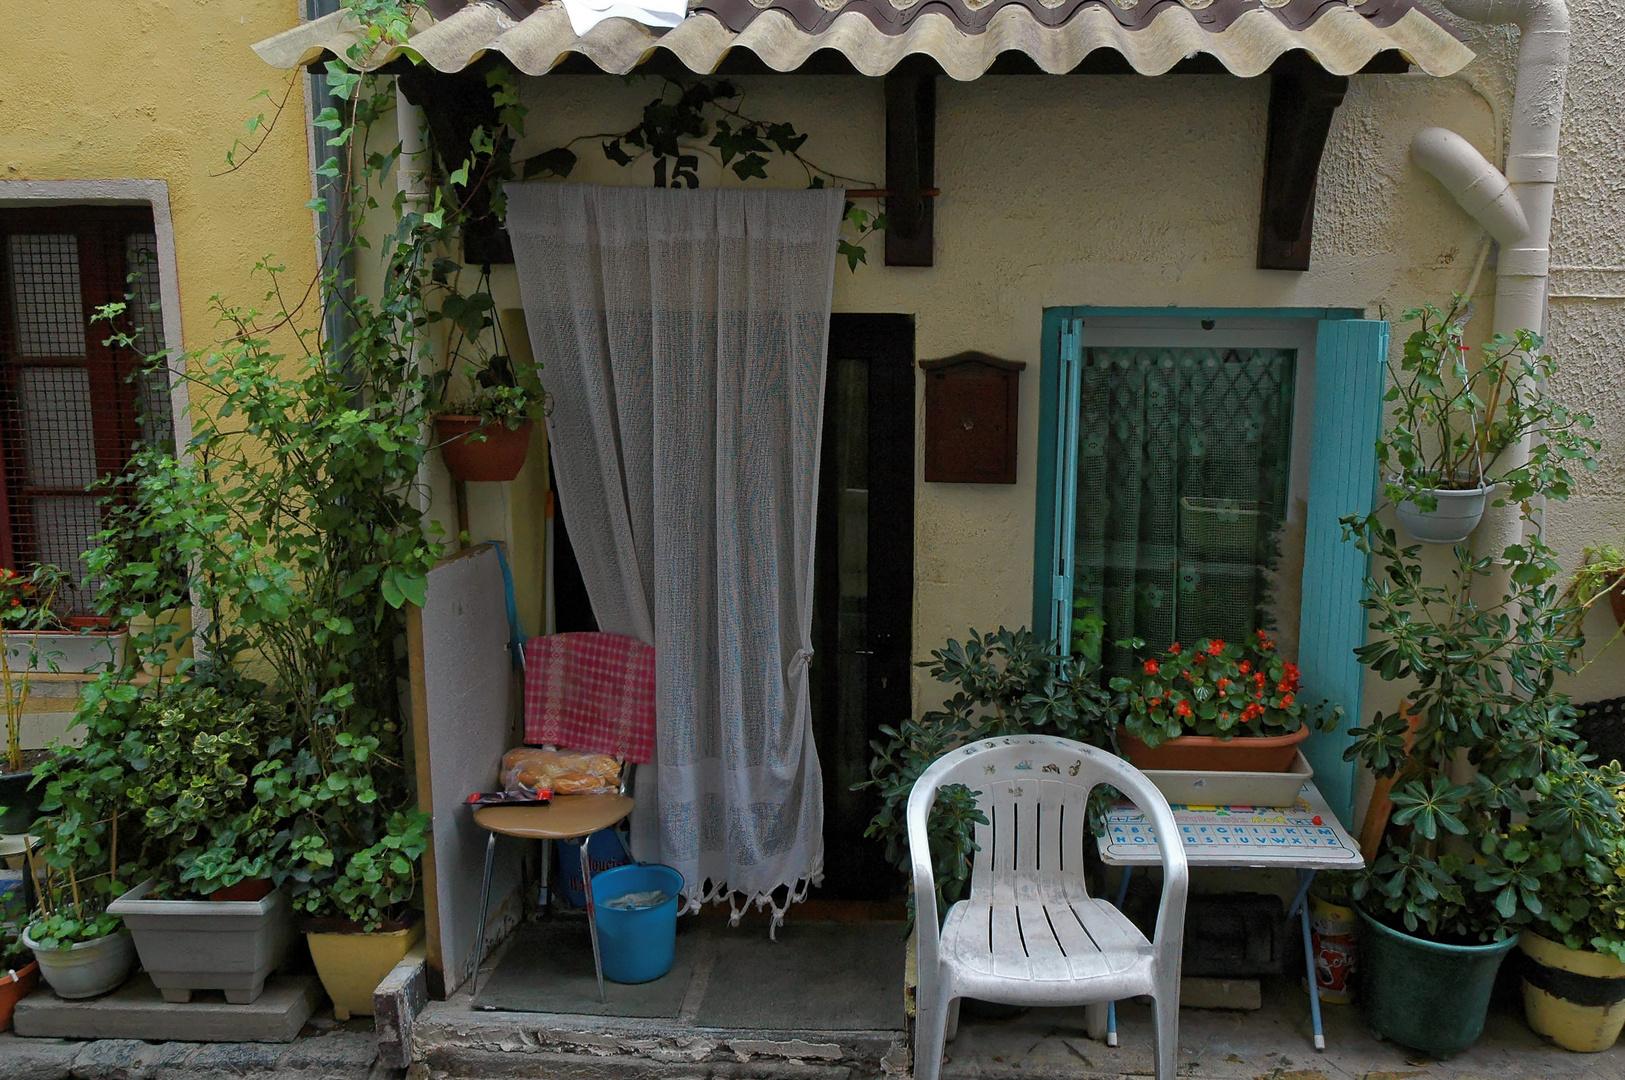 idylle ganz aktuell foto bild city sommer outdoor bilder auf fotocommunity. Black Bedroom Furniture Sets. Home Design Ideas